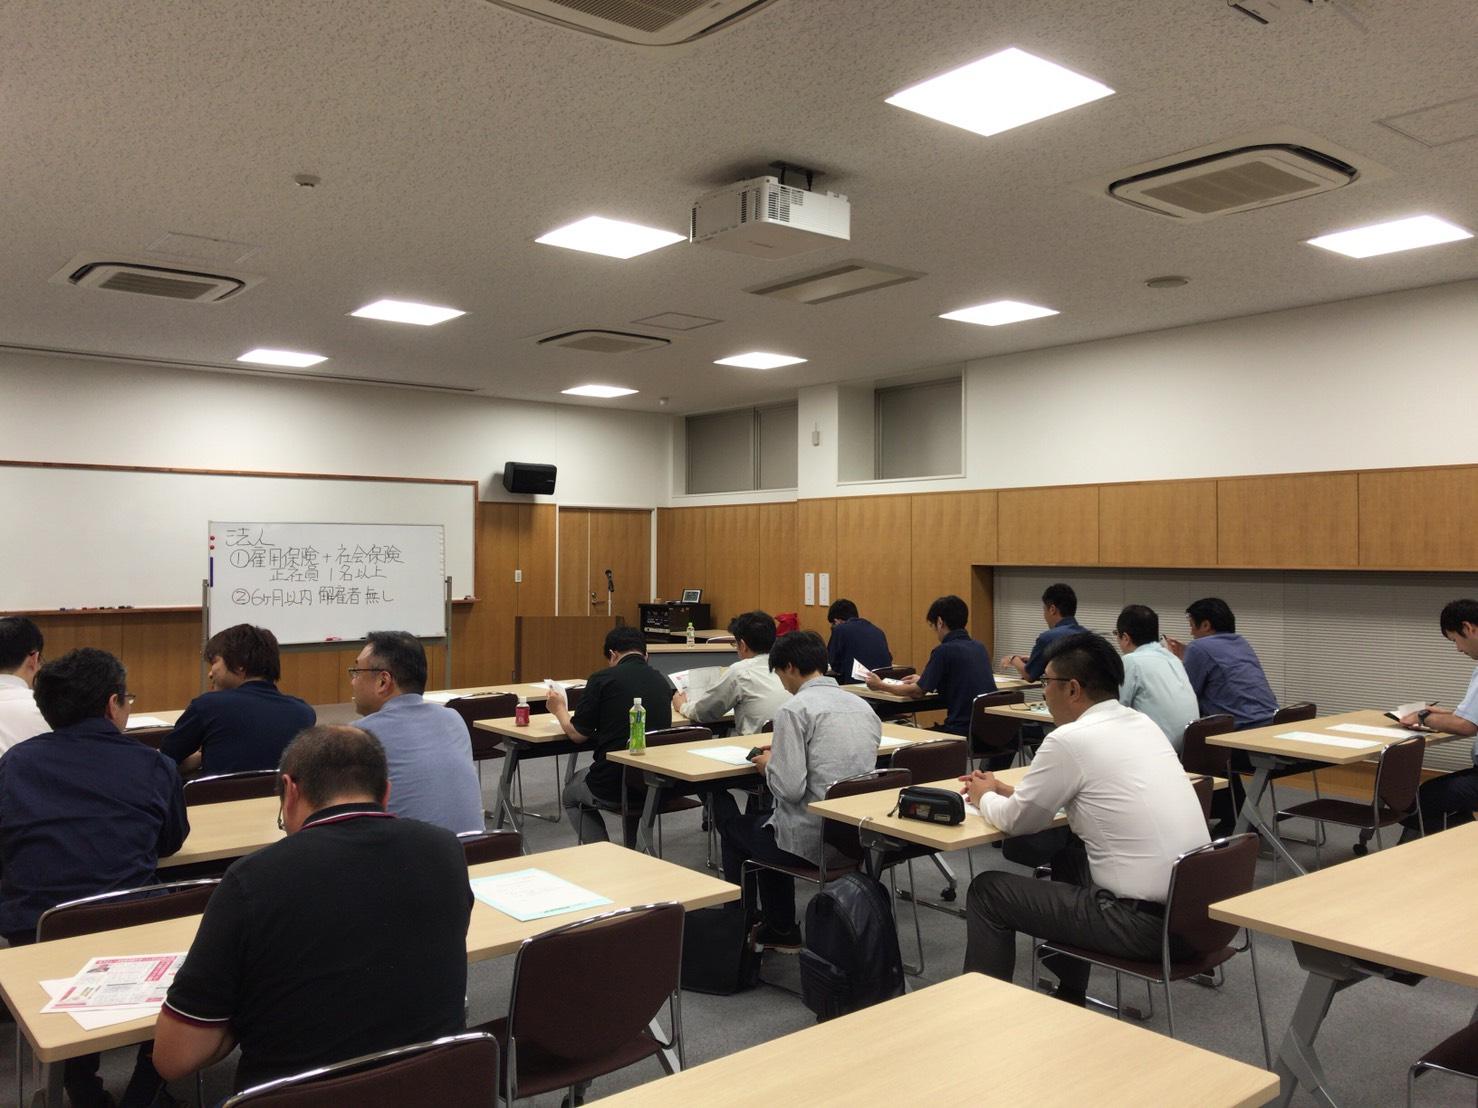 新潟 三条信用金庫にて、助成金セミナー講師